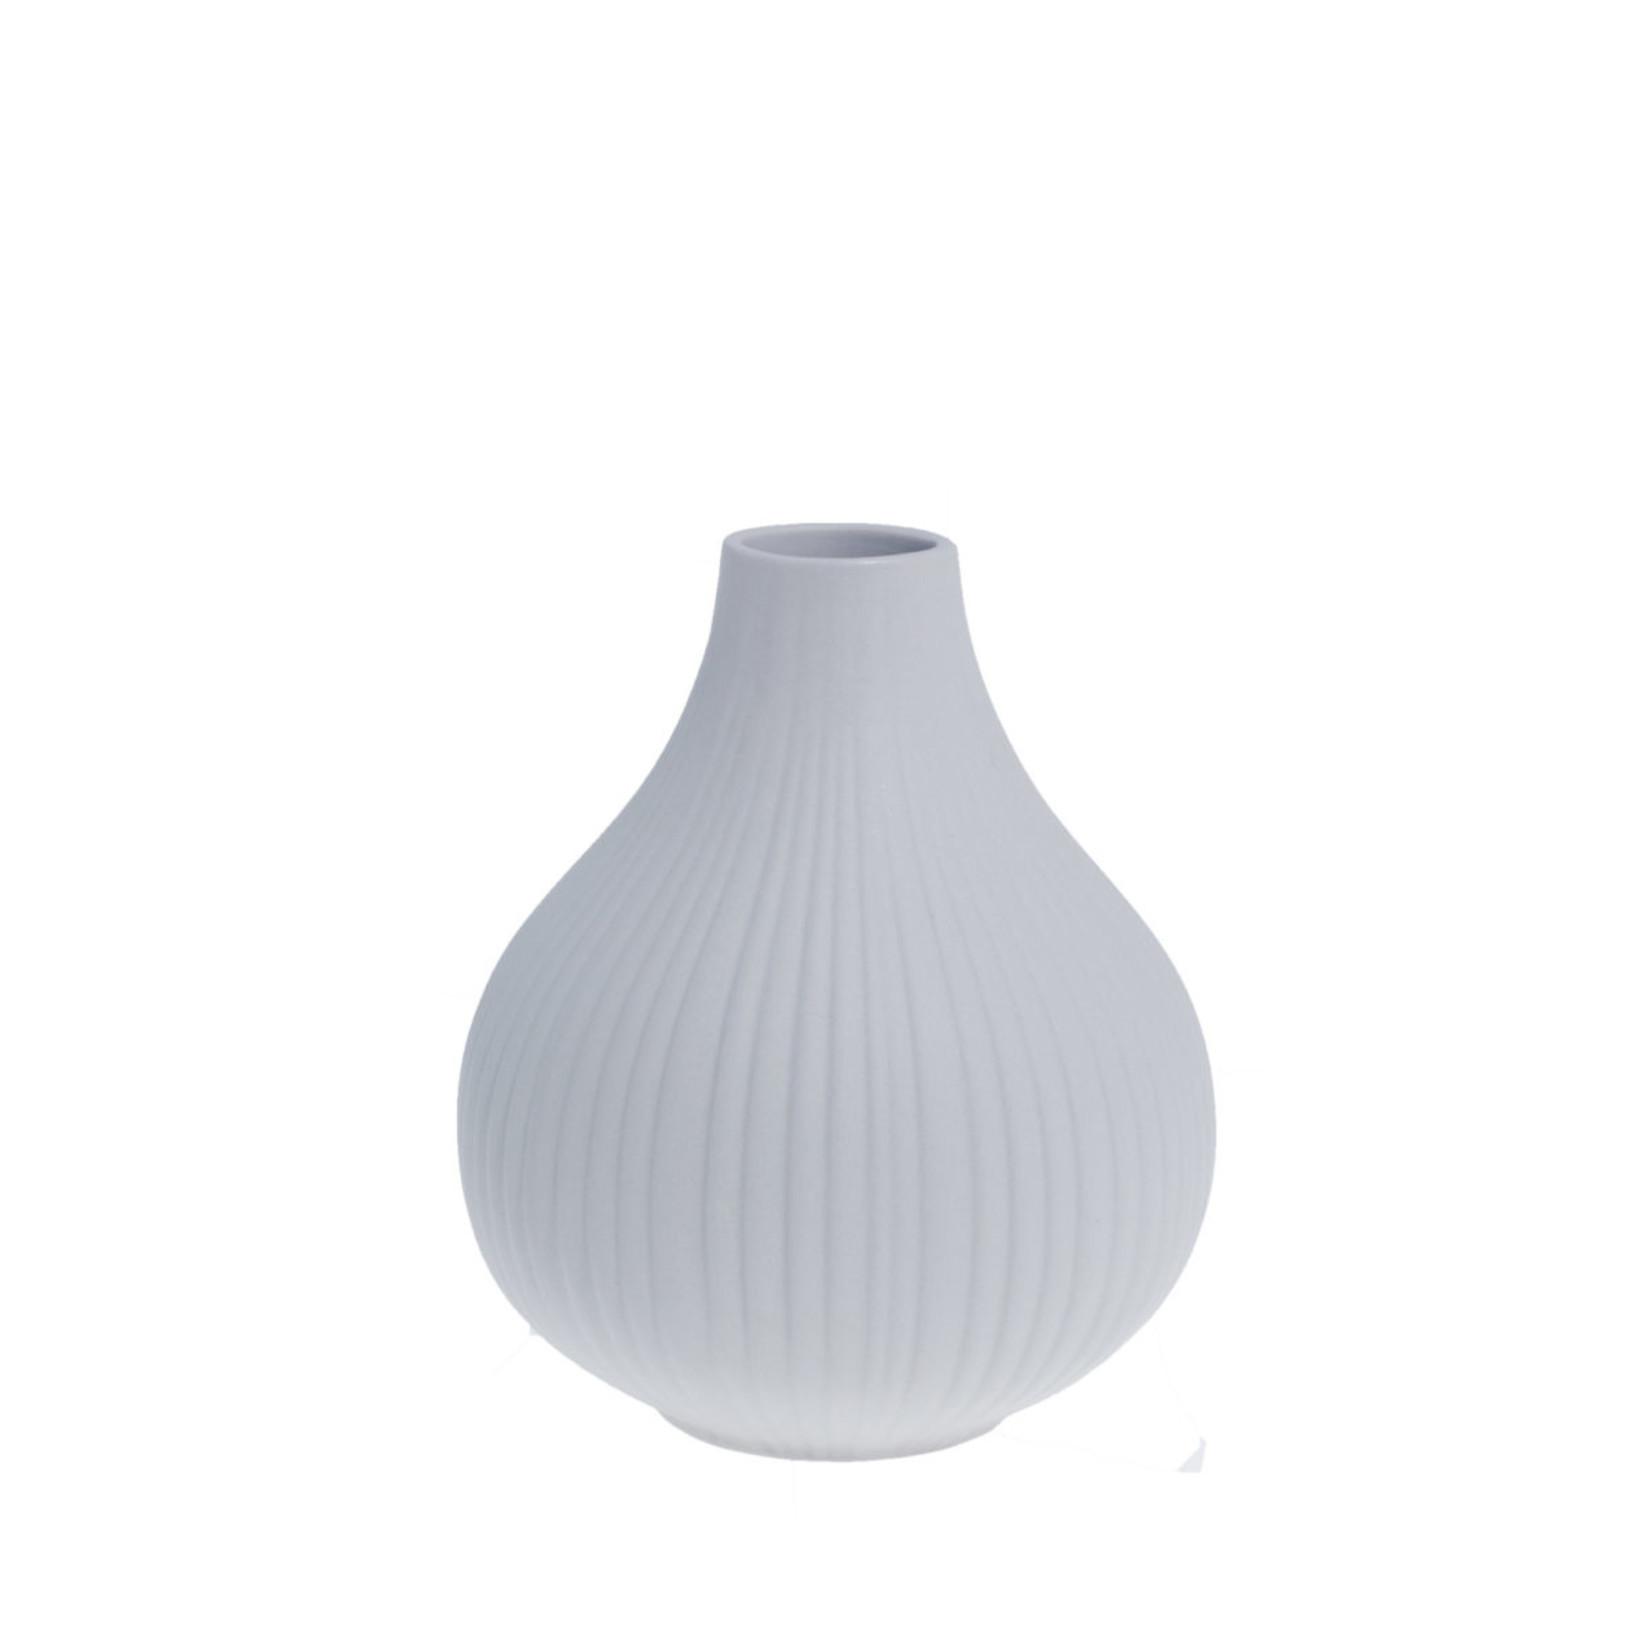 Storefactory  Vase Ekenäs grau M